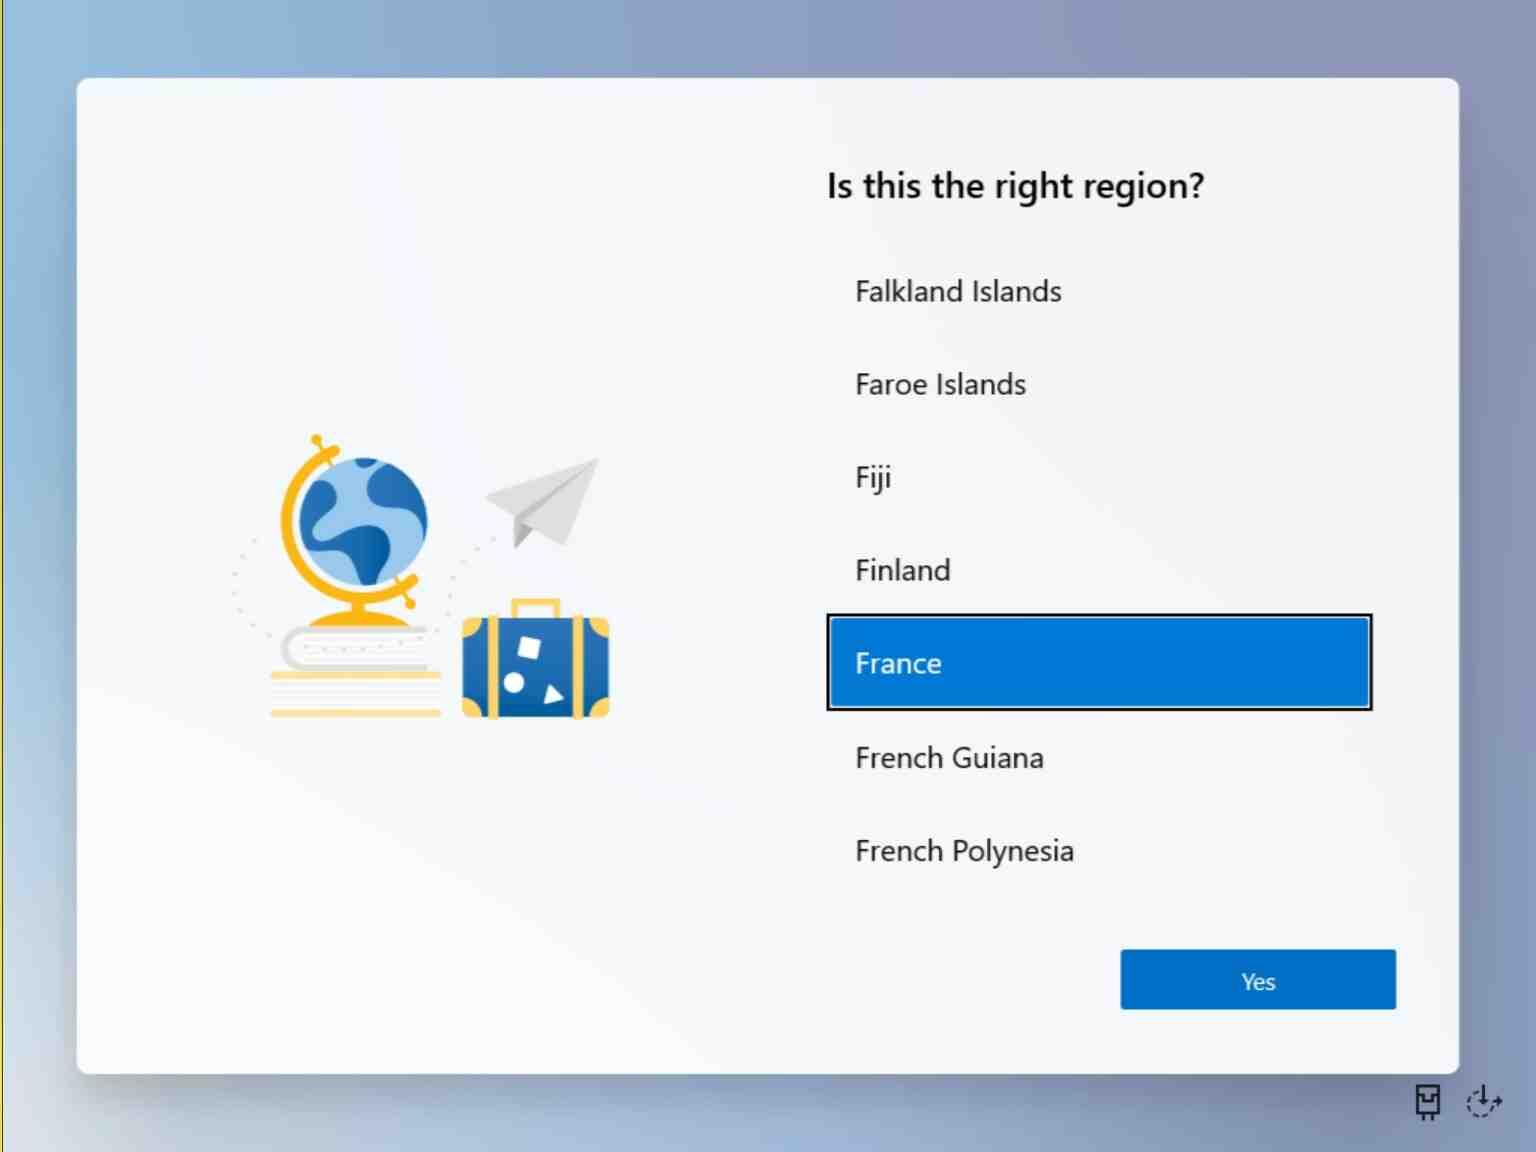 Comment puis-je me connecter sans compte Microsoft?